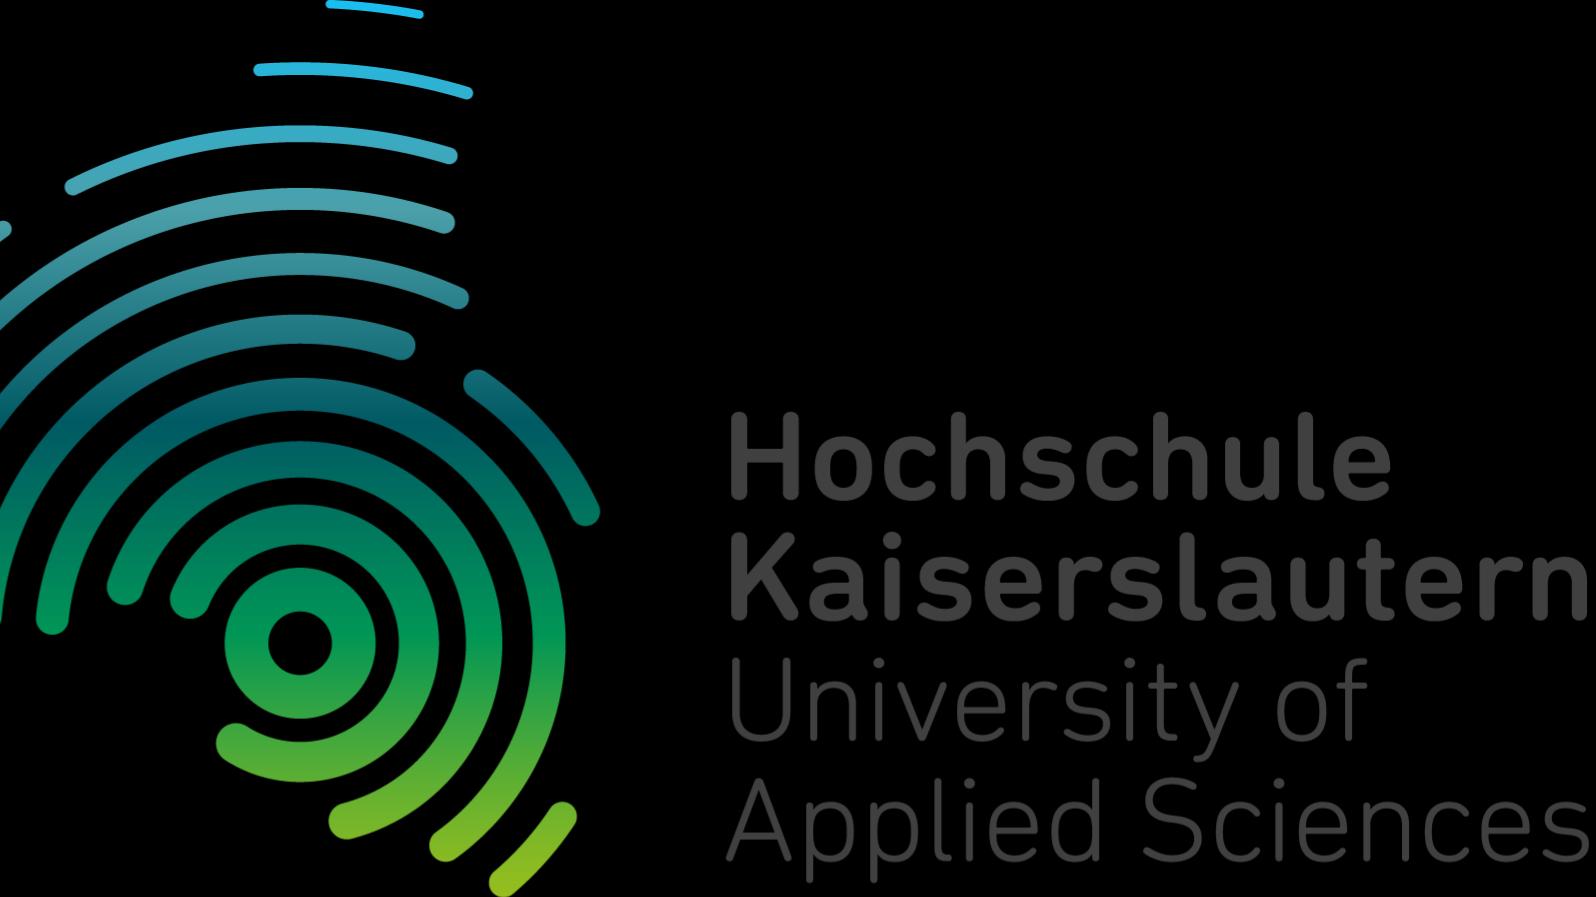 Hochschule beim bundesweiten Fernstudientag dabei -Image